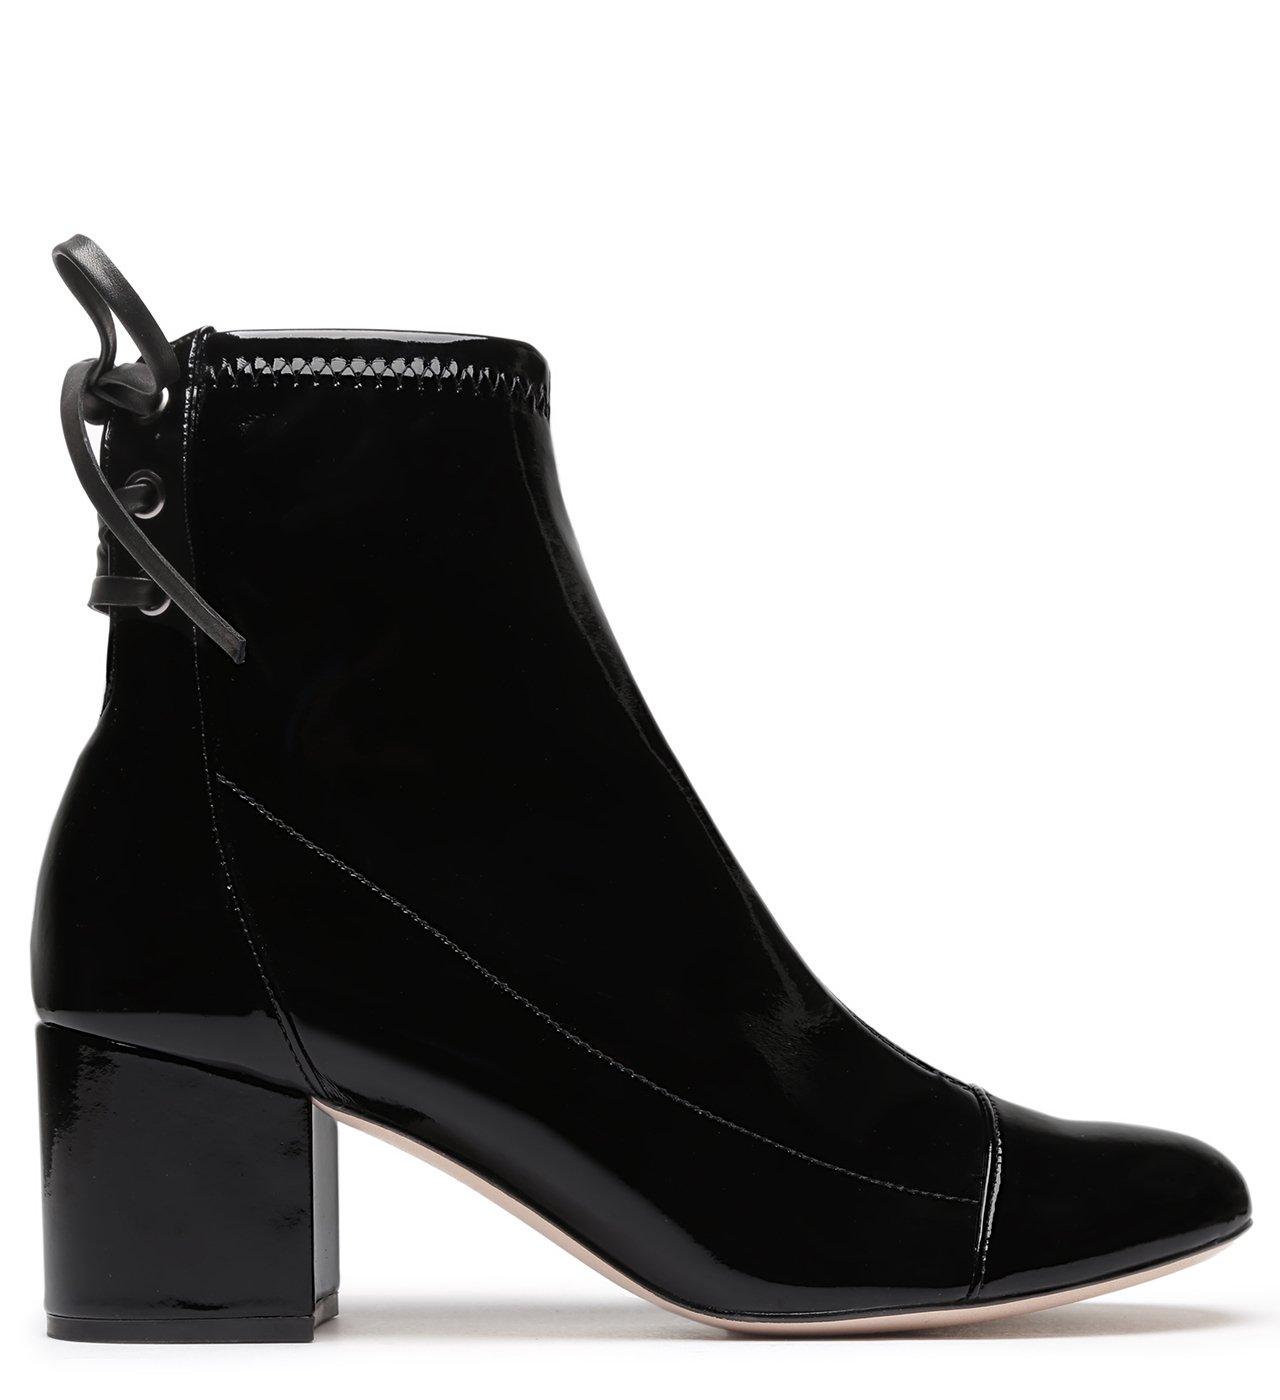 Bota Amarração Block Heel Verniz Black | Schutz